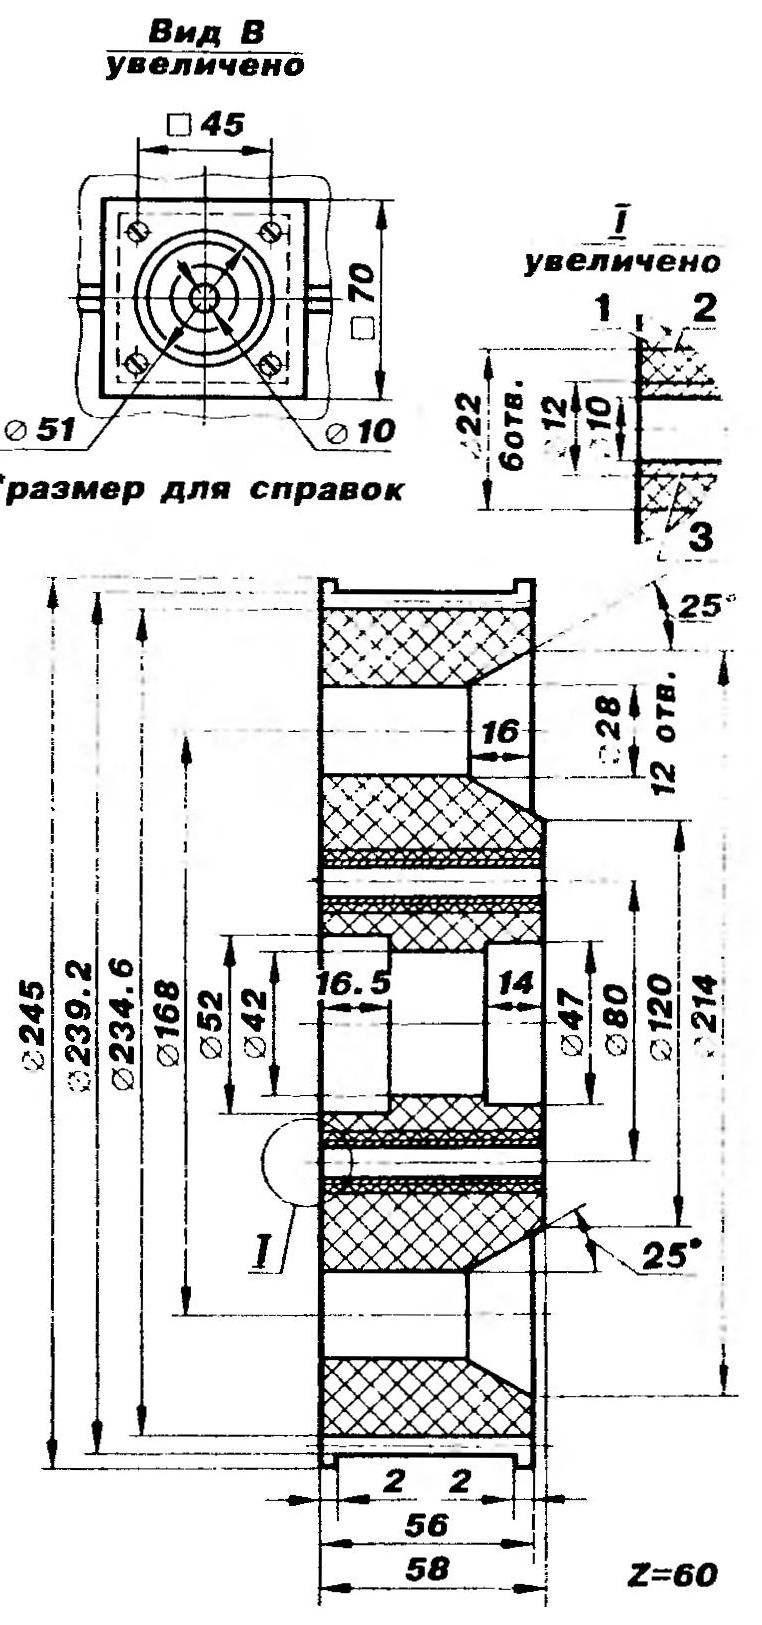 Ведомая шестерня редуктора (профиль зубьев аналогичен профилю ведущей шестерни)